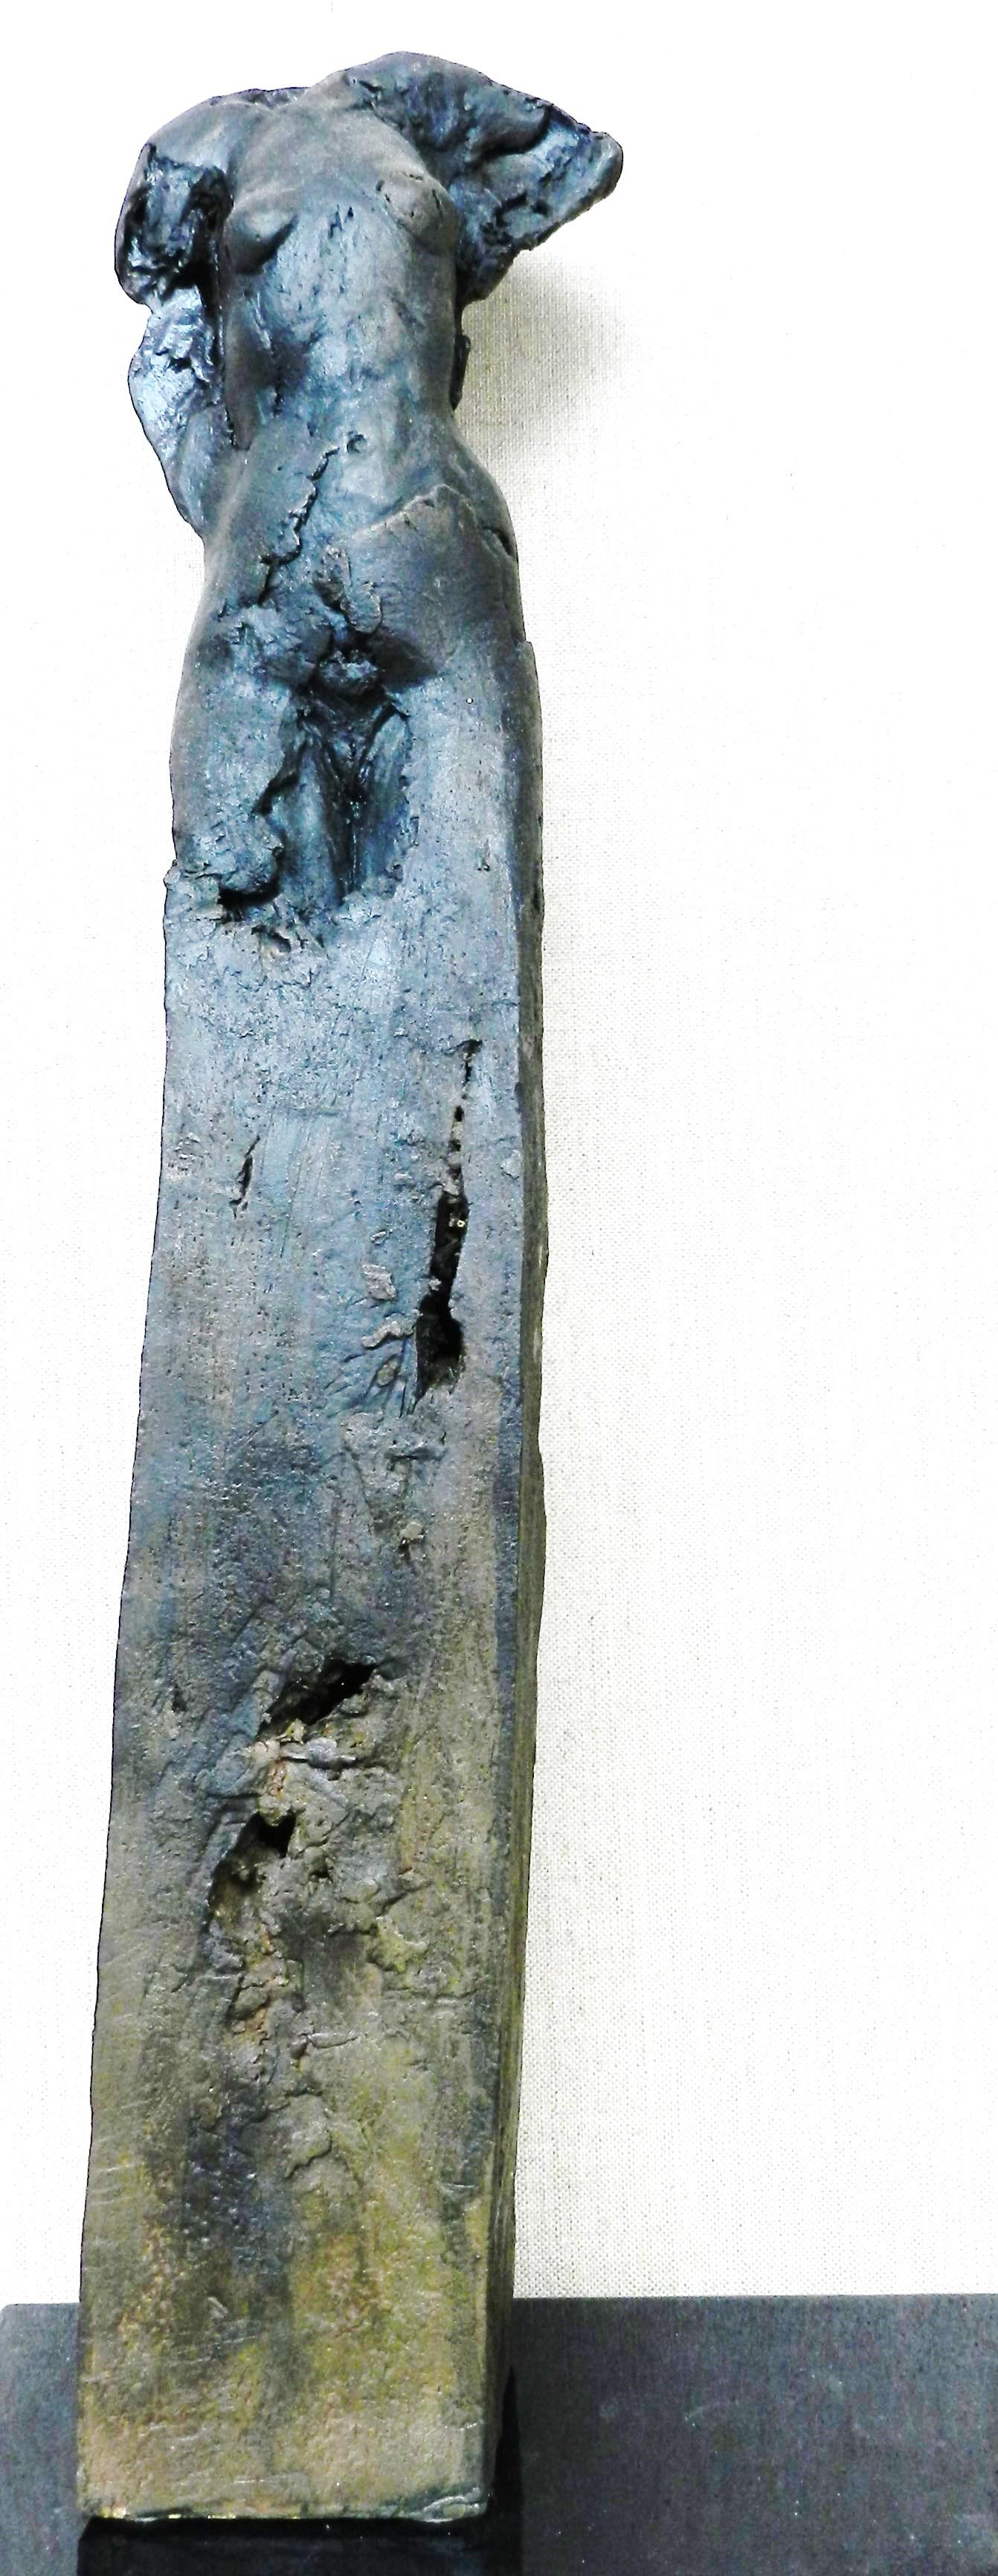 DSCN4944